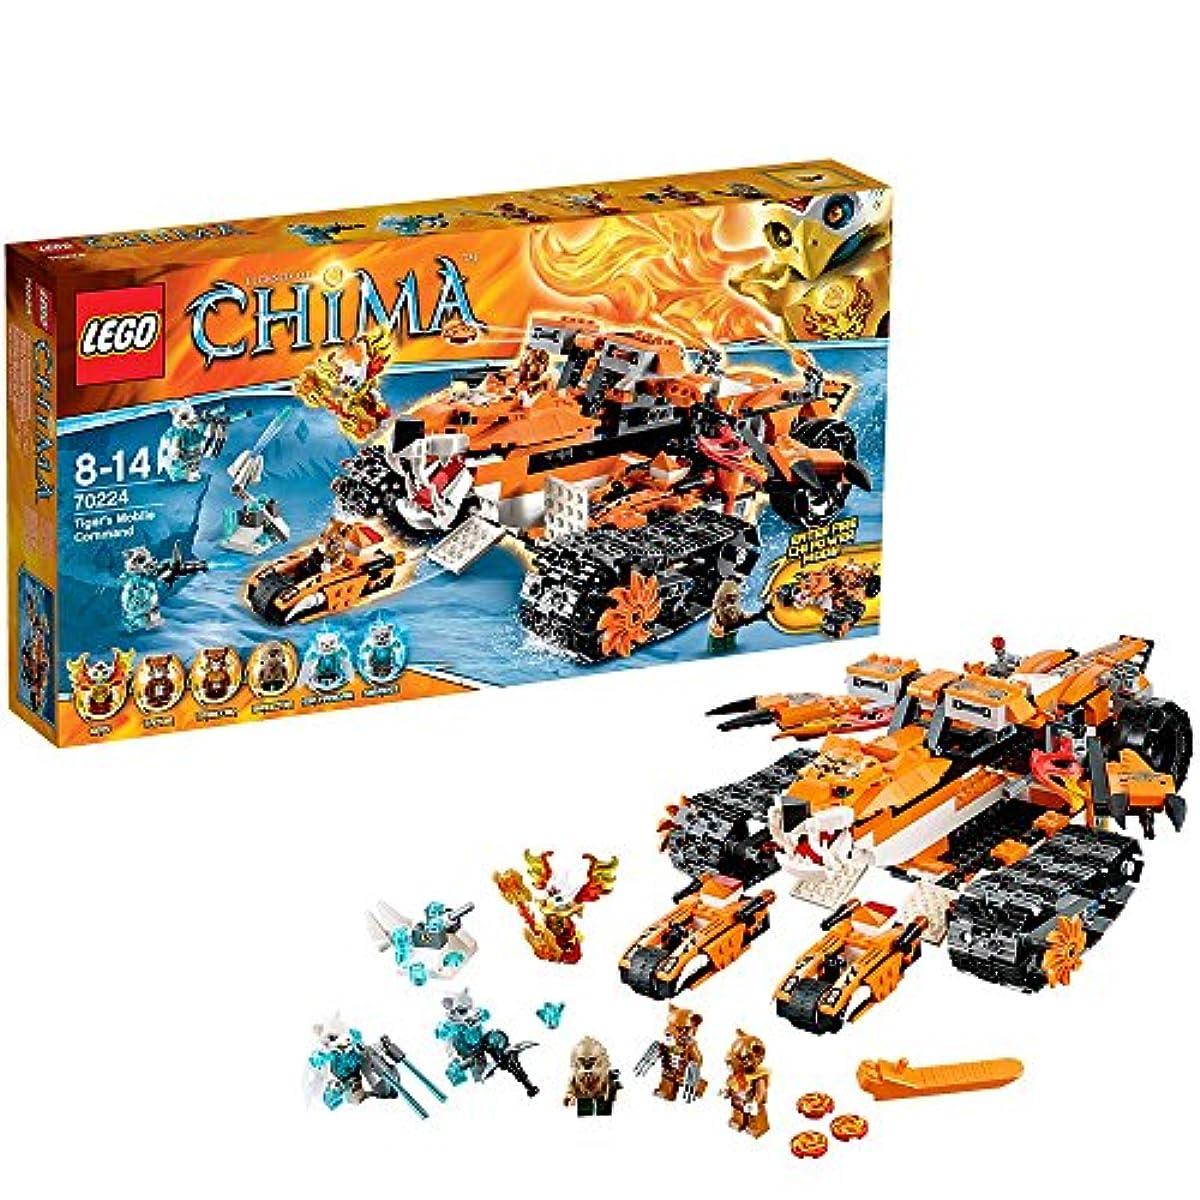 [해외] 레고 (LEGO) 찌마 타이거족의 이동 기지 70224-70224 (2014-12-26)